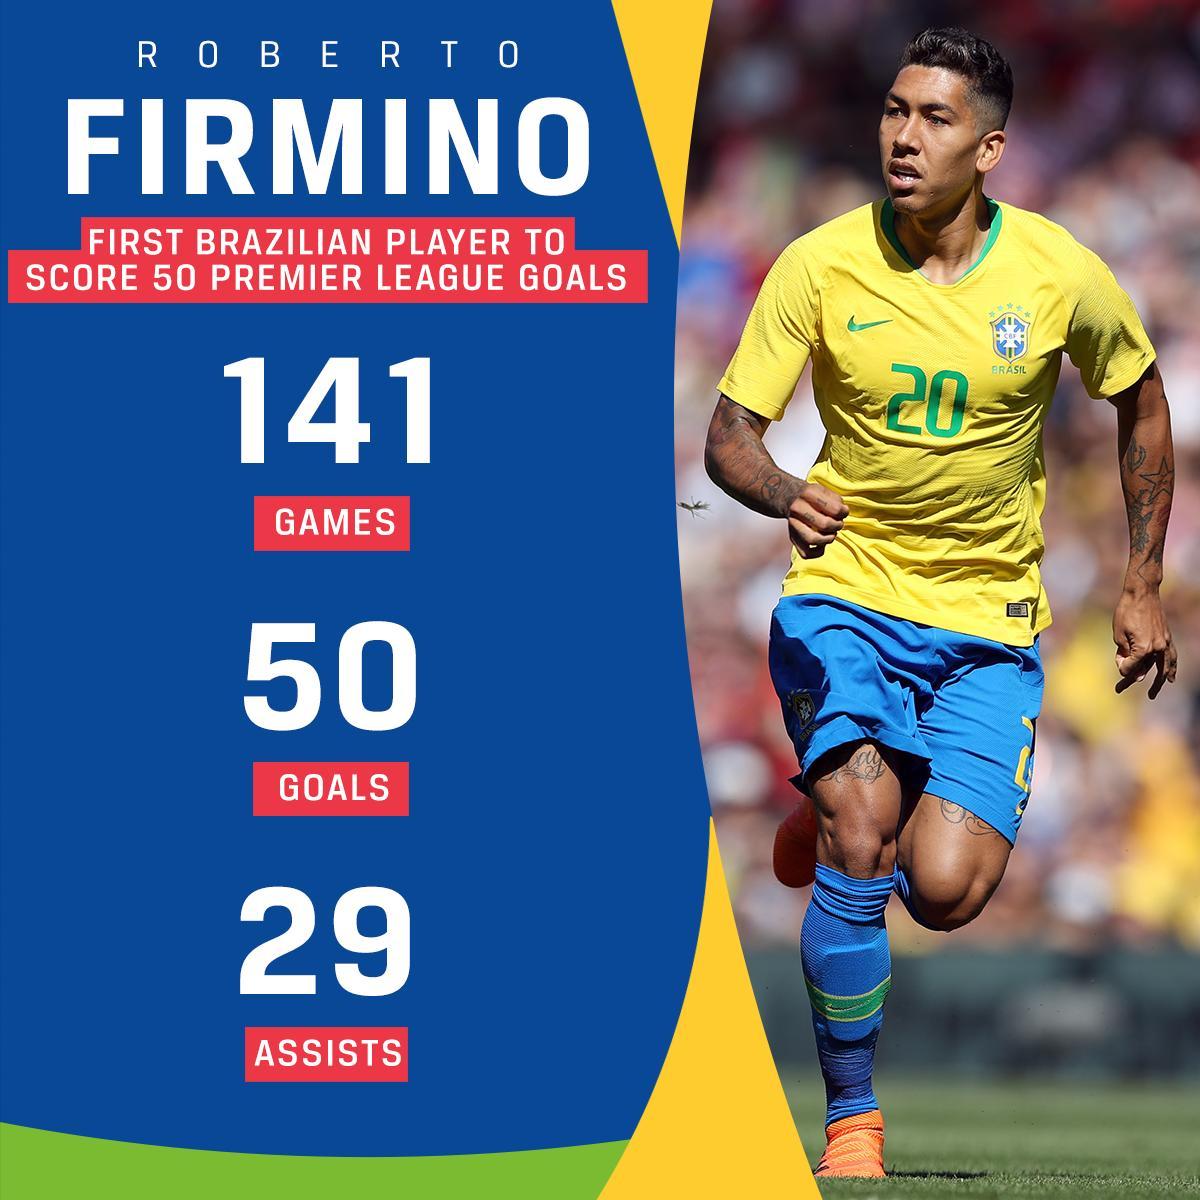 巴西球员第一人,菲尔米诺收获英超第50球